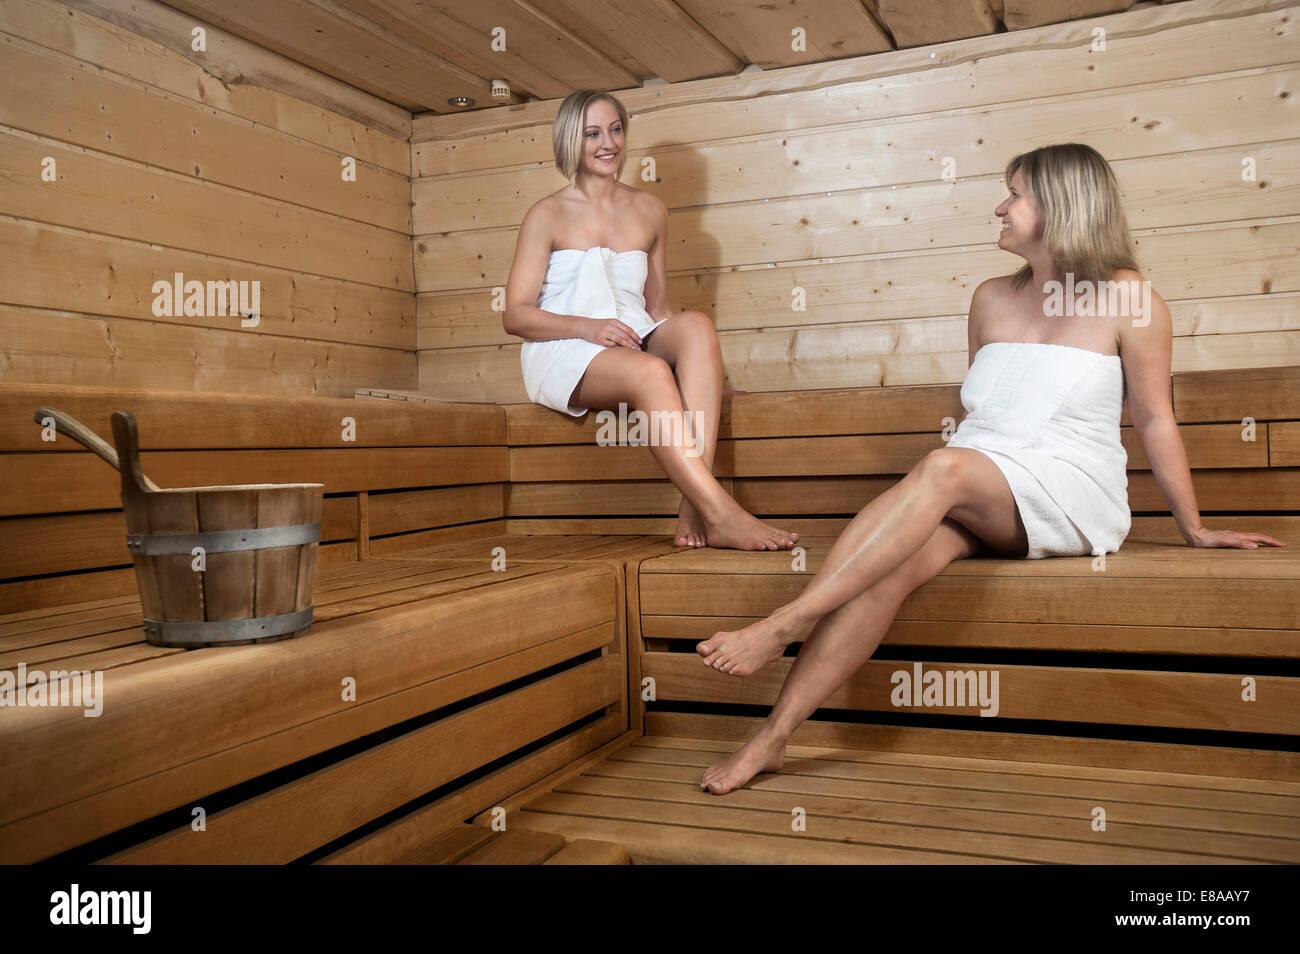 Русские студенты ебутся в бане, Студенты в сауне -видео. Смотреть Студенты 12 фотография